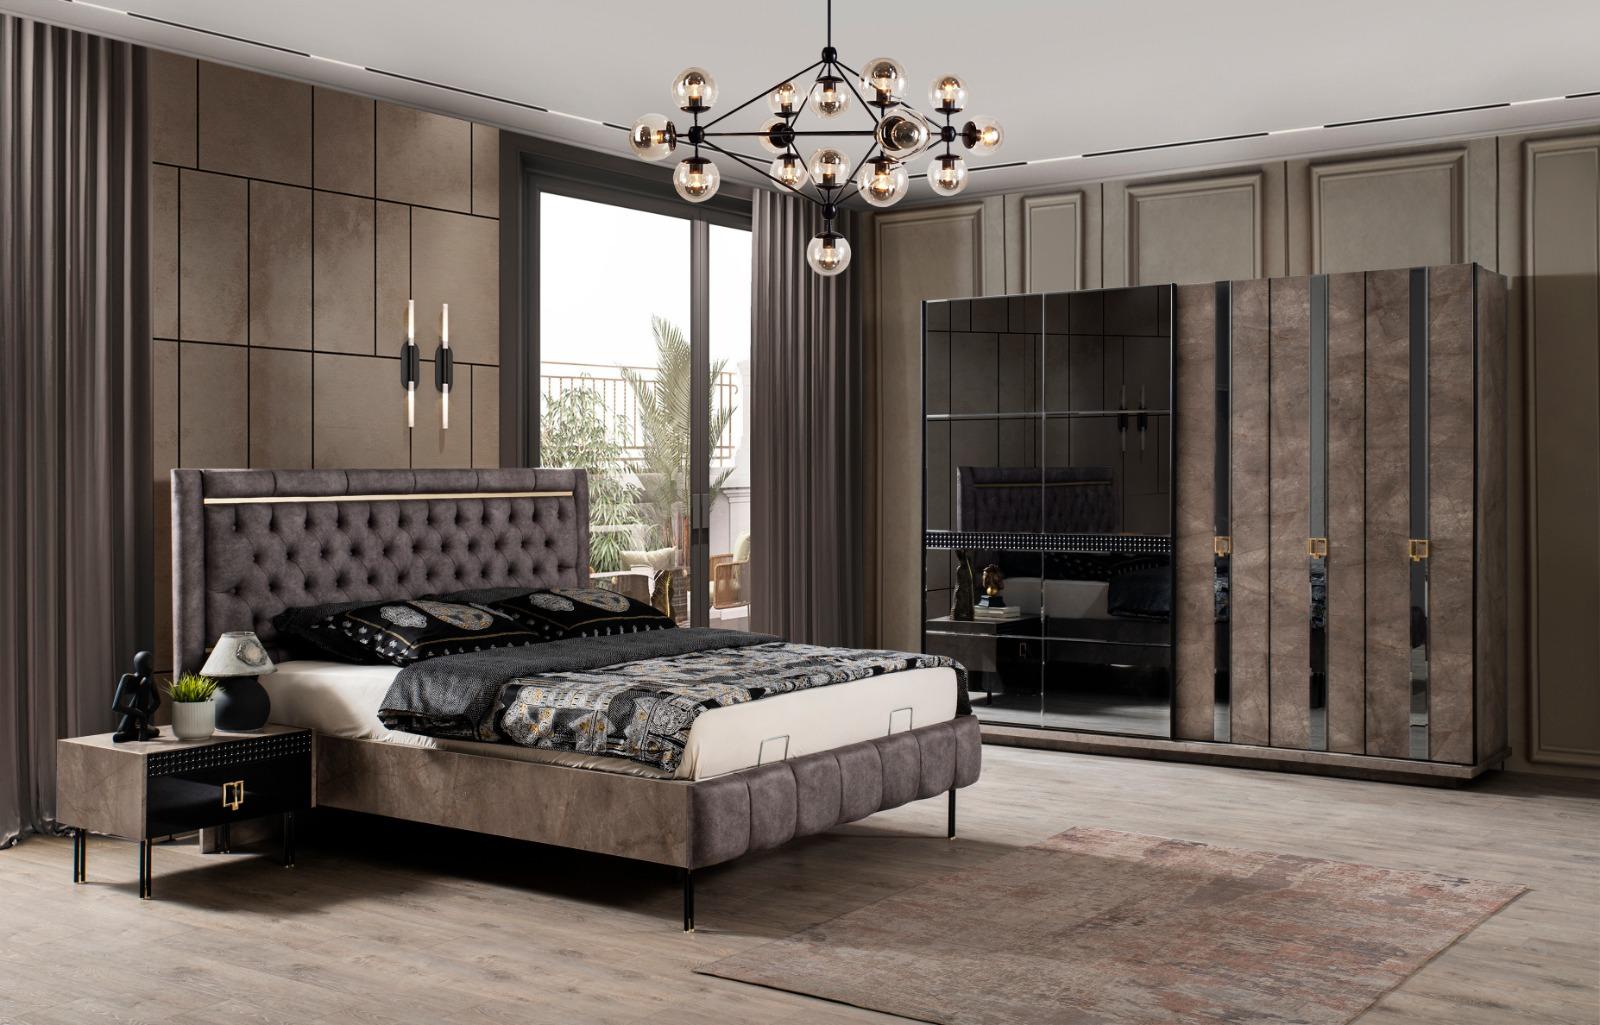 Lake Schlafzimmer Polo mit Bett in 180x200 cm